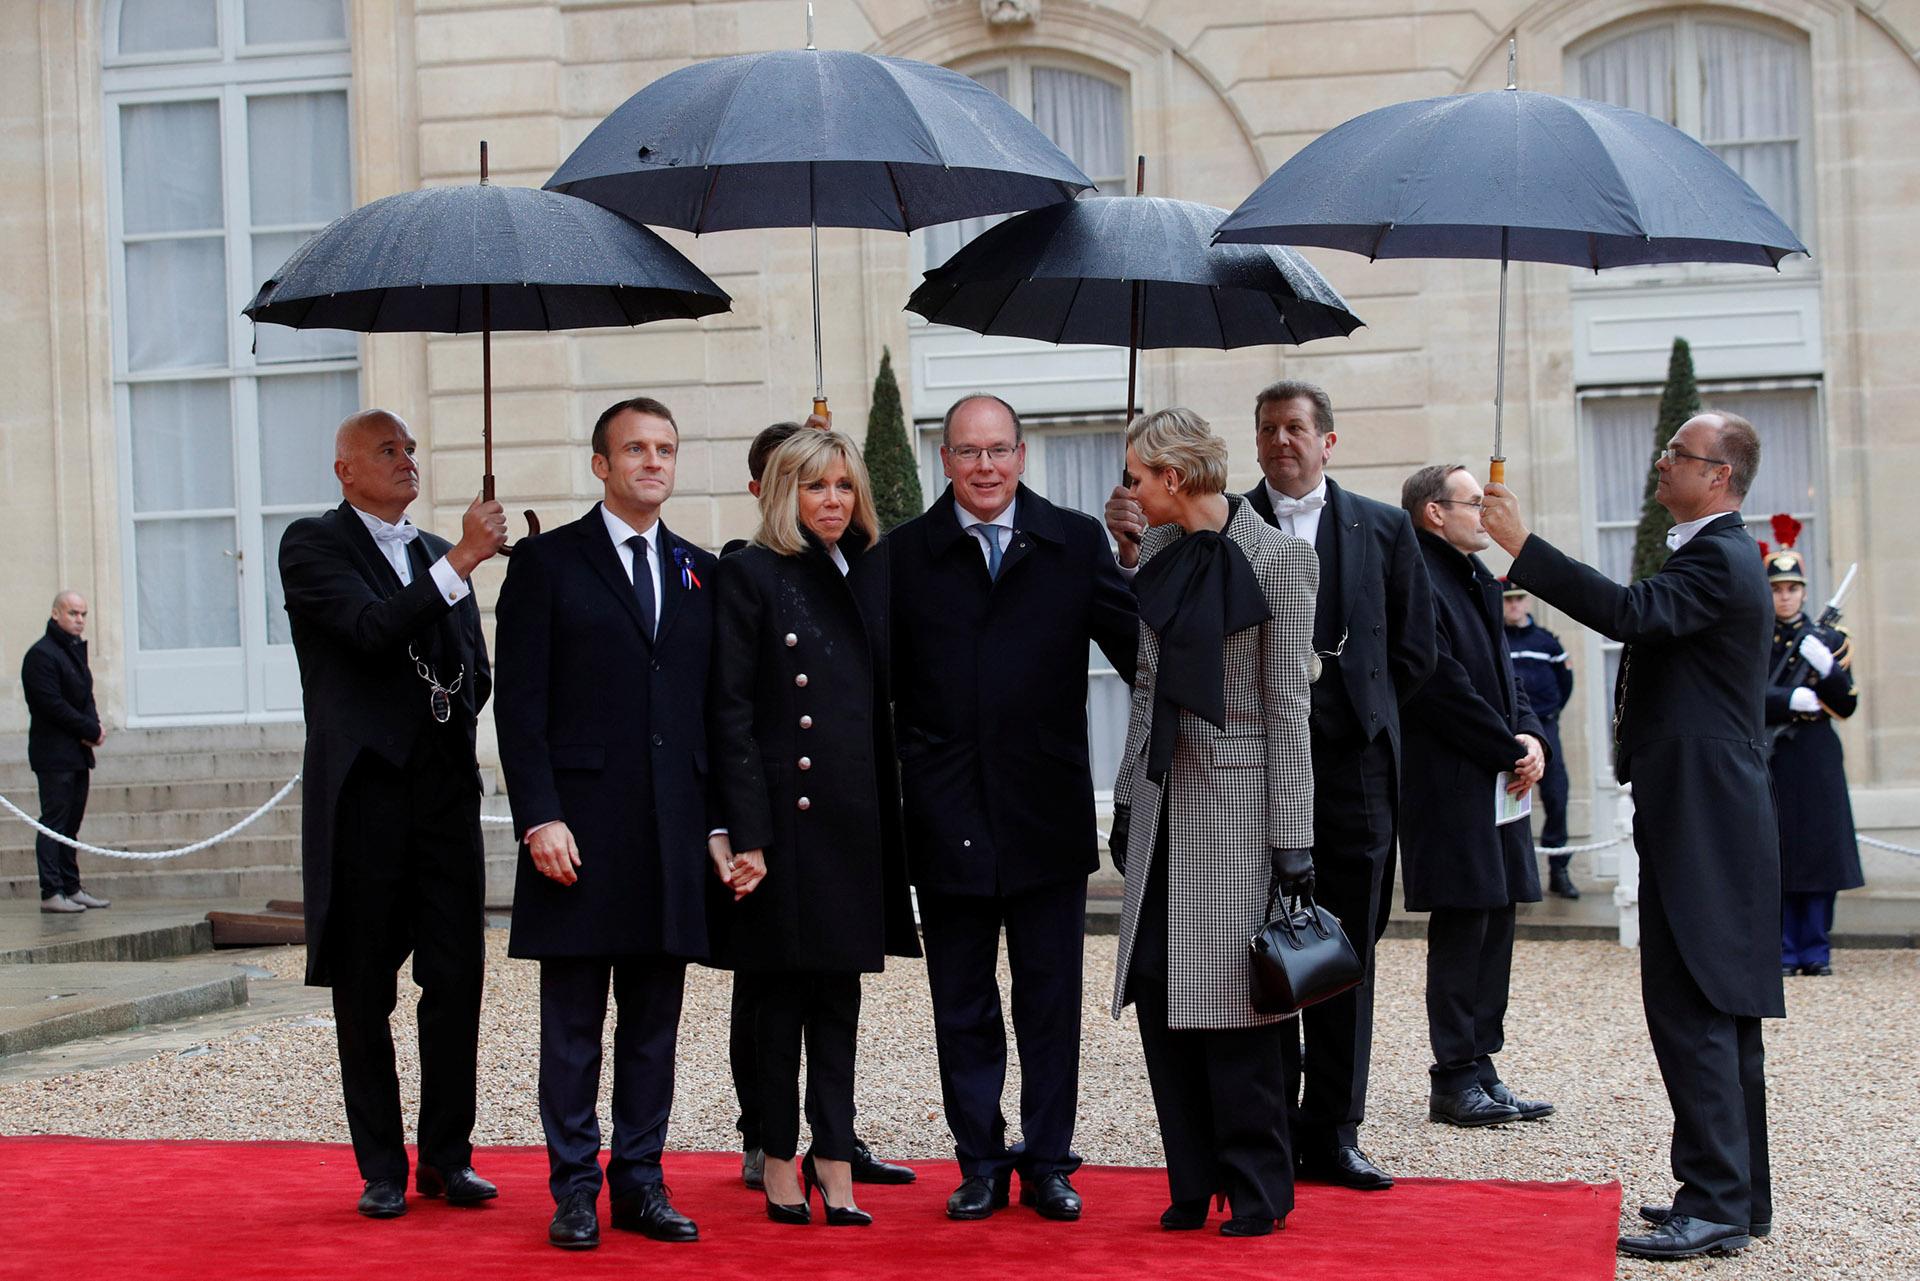 Ambos matrimonios fueron cubiertos con paraguas negros de la copiosa lluvia que cayó sobre París